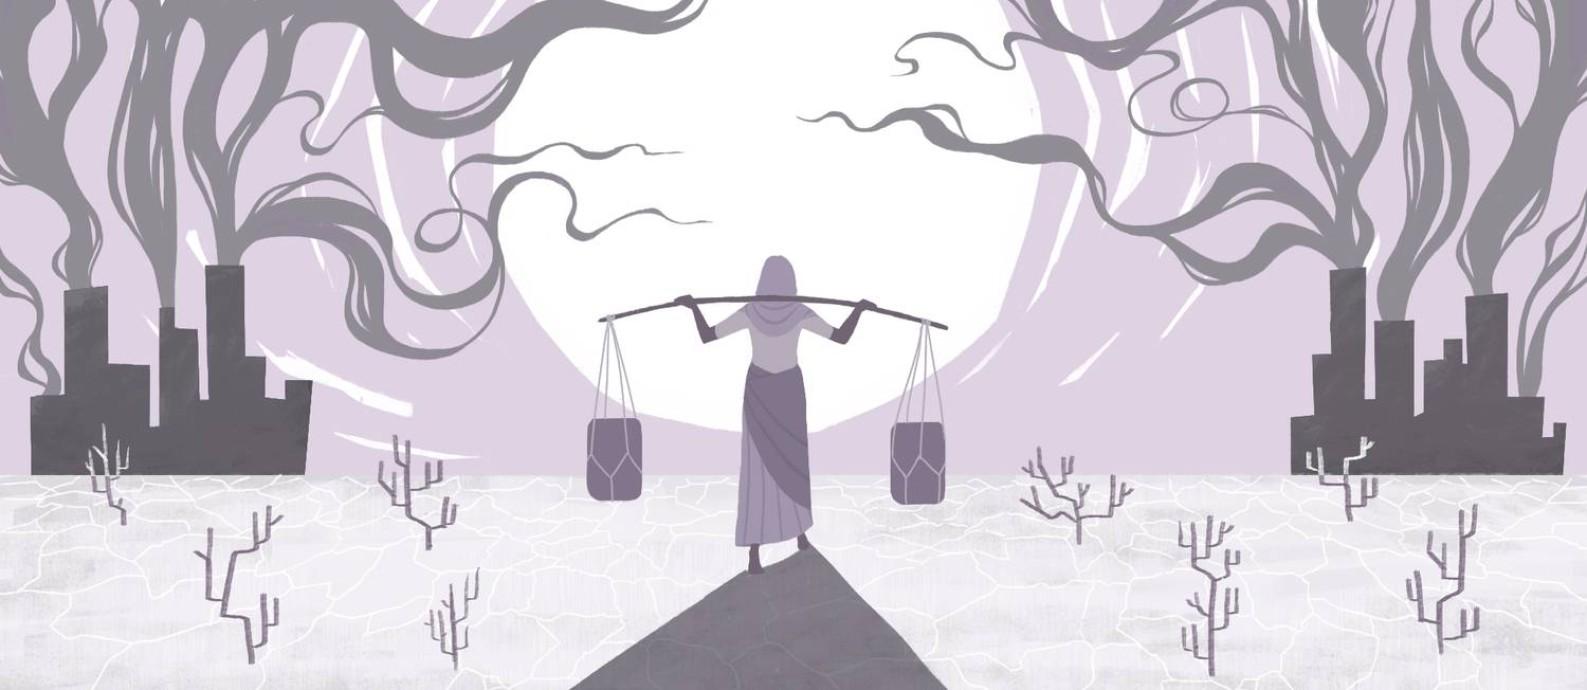 O impacto das mudanças climáticas na vida das mulheres Foto: Ilustração Nina Millen